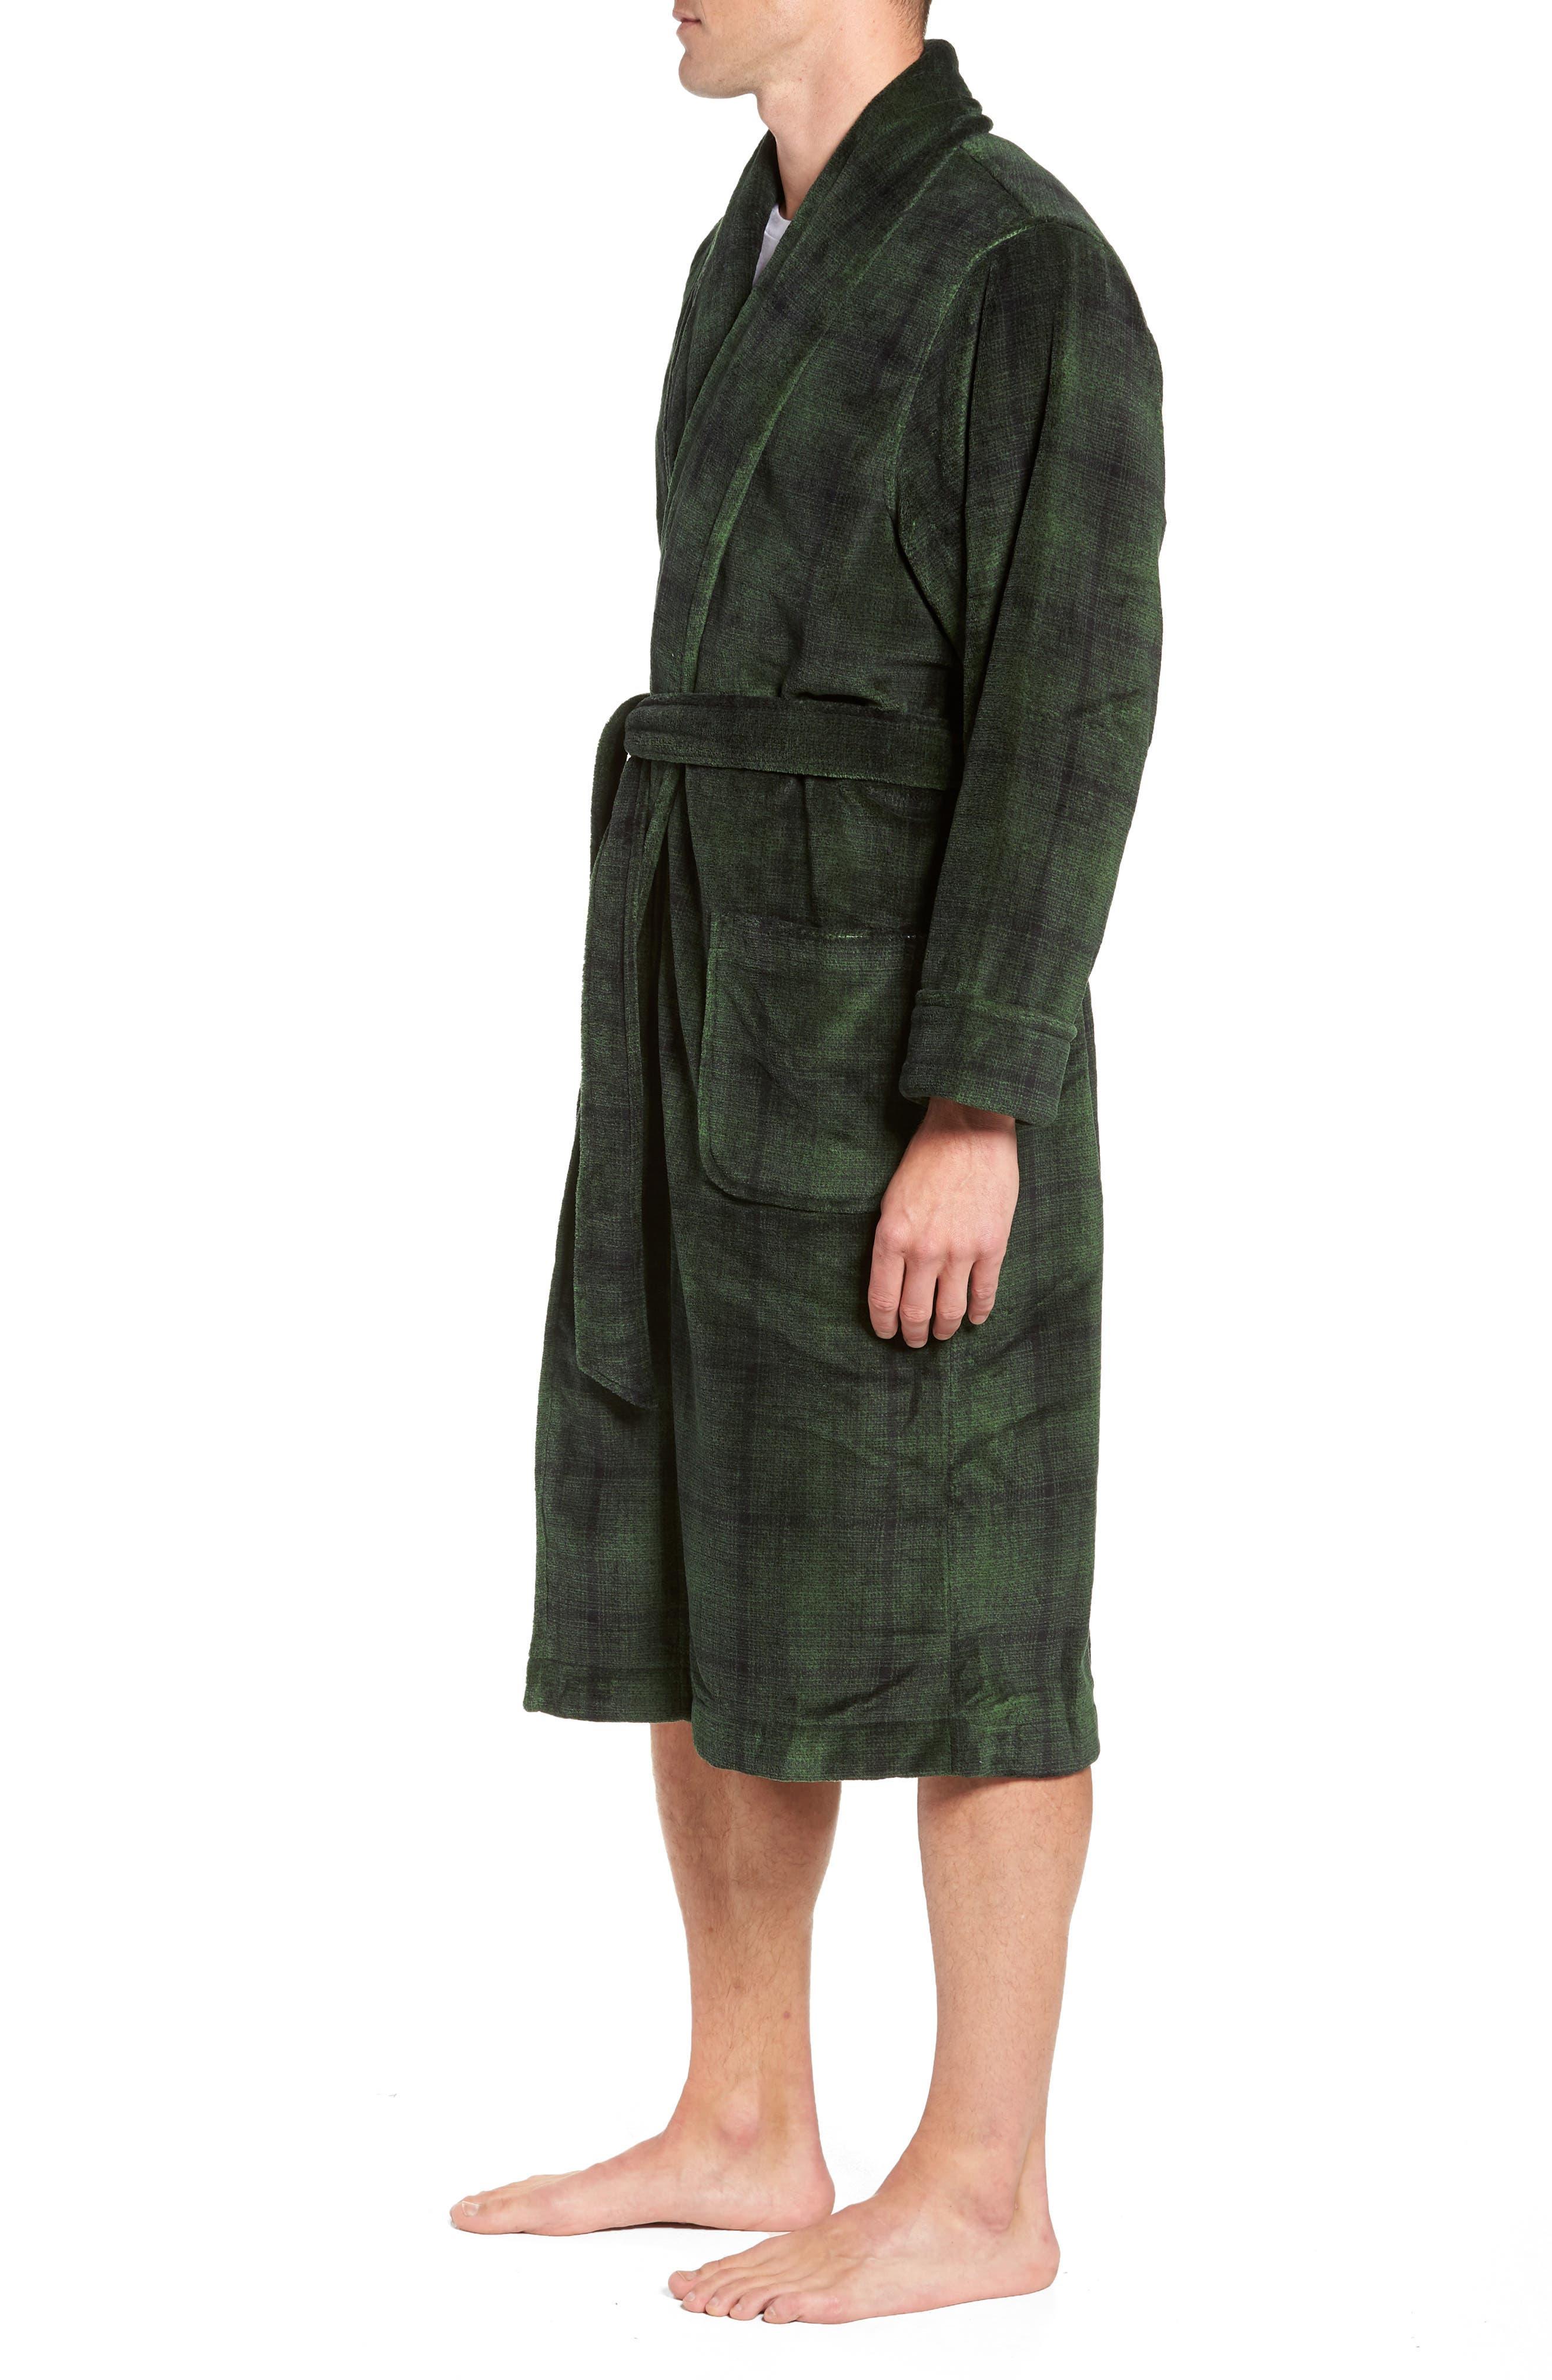 NORDSTROM MEN'S SHOP, Ombré Plaid Fleece Robe, Alternate thumbnail 3, color, GREEN - BLACK OMBRE PLAID